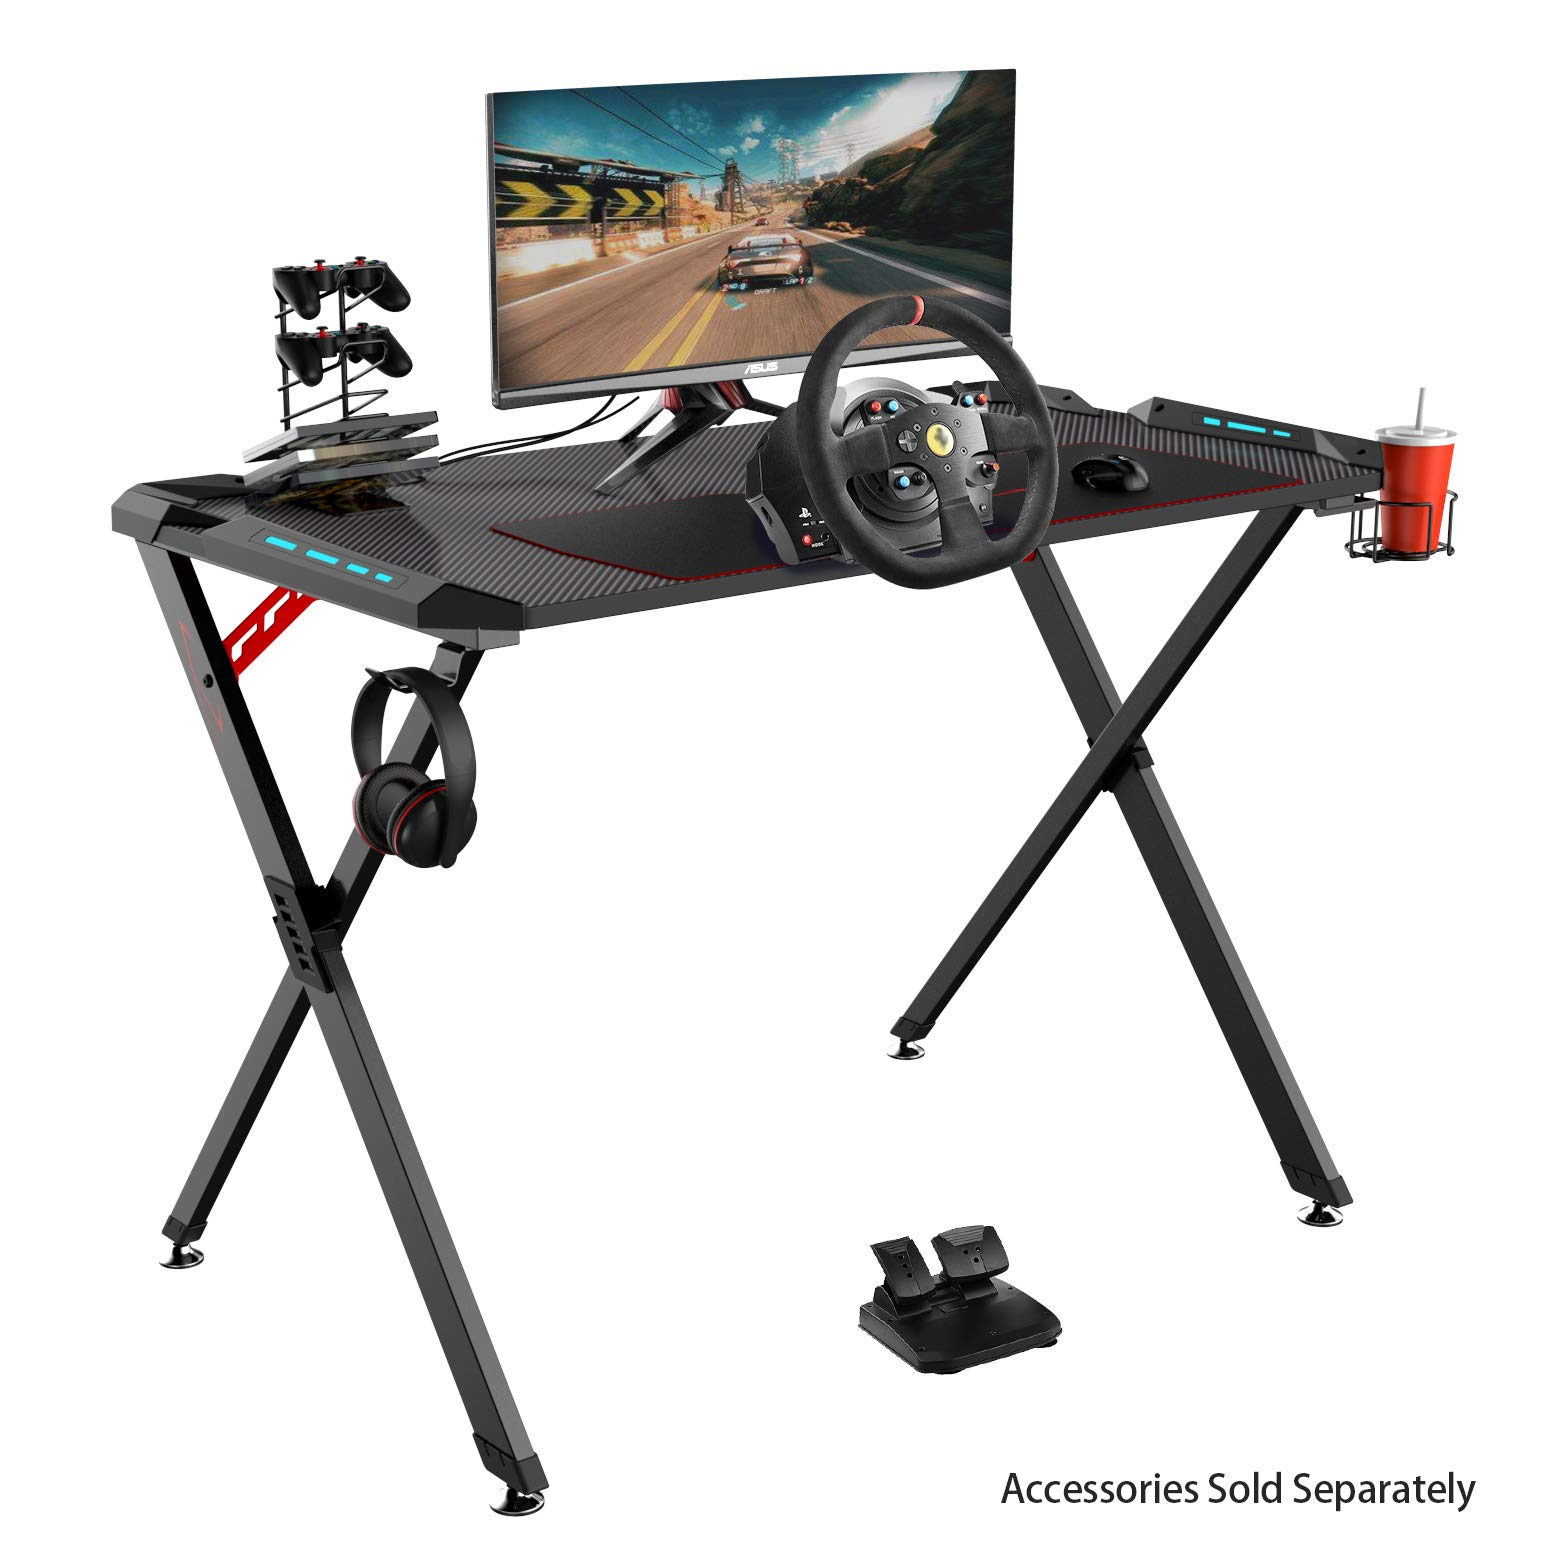 Eureka Ergonomic X1-S Gaming Computer Desk 44.5''x24.19'' Studio Desk PC Table Gaming Desks with LED Lights Large Carbon Fiber Surface Cup Holder & Headphone Hook-Black